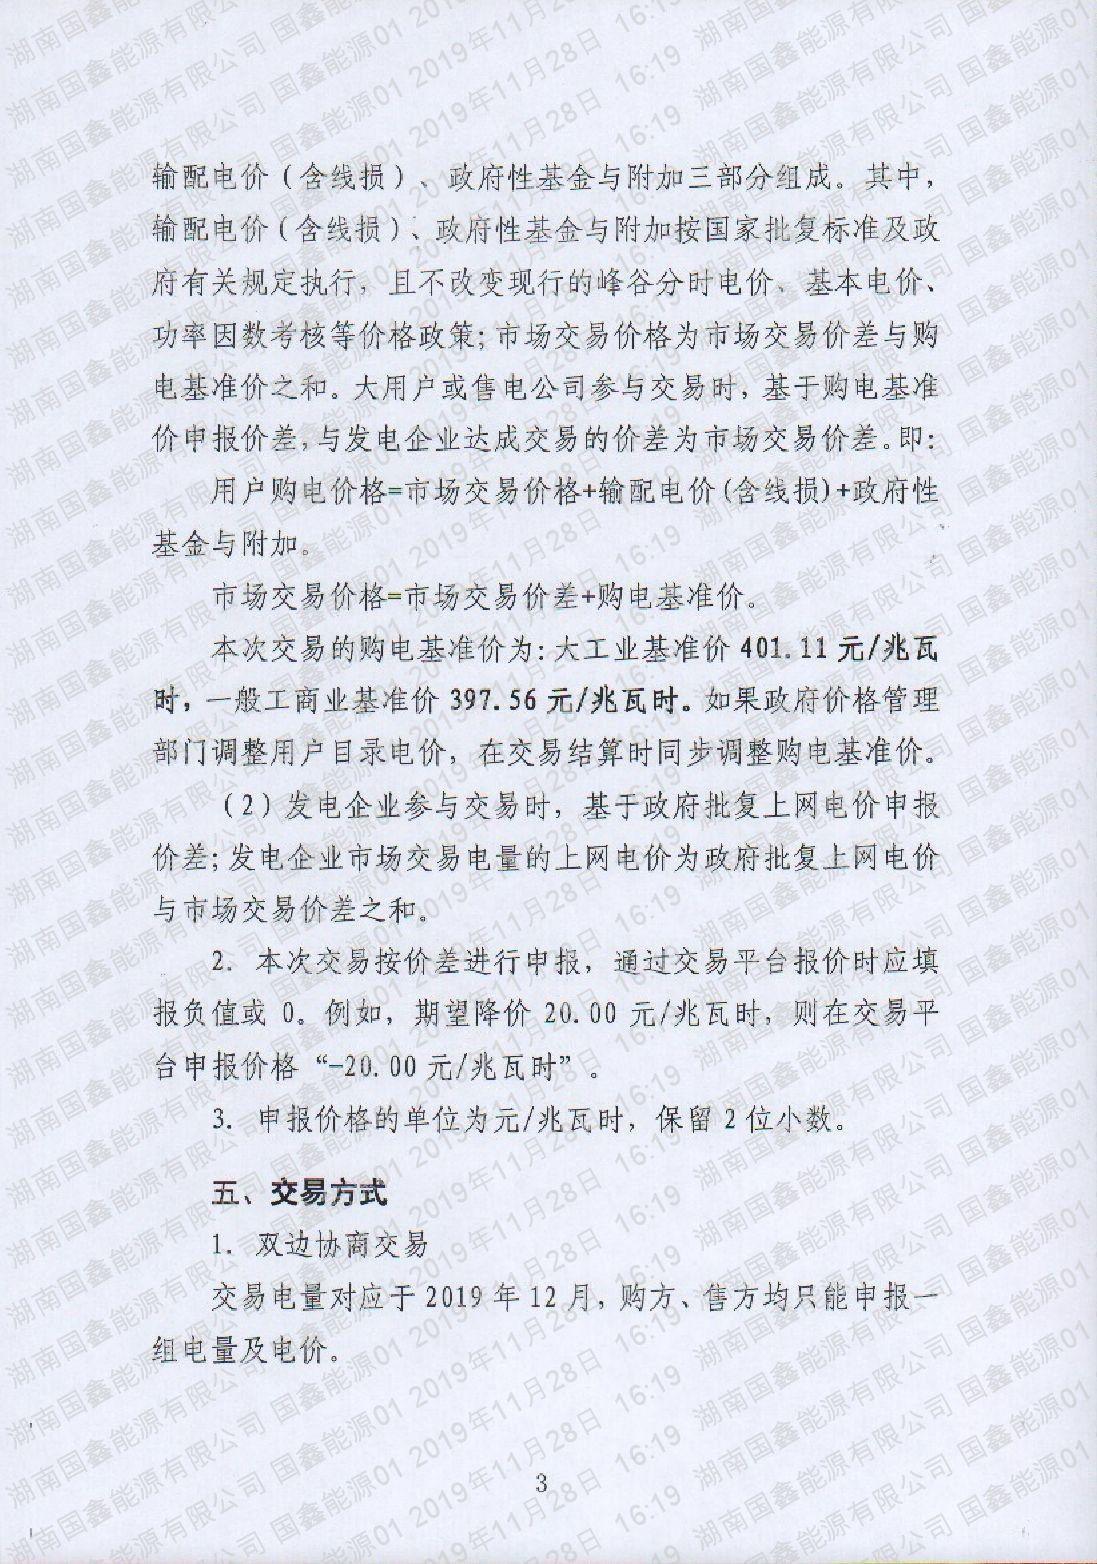 2019年第31號交易公告(12月月度交易).pdf_page_3_compressed.jpg